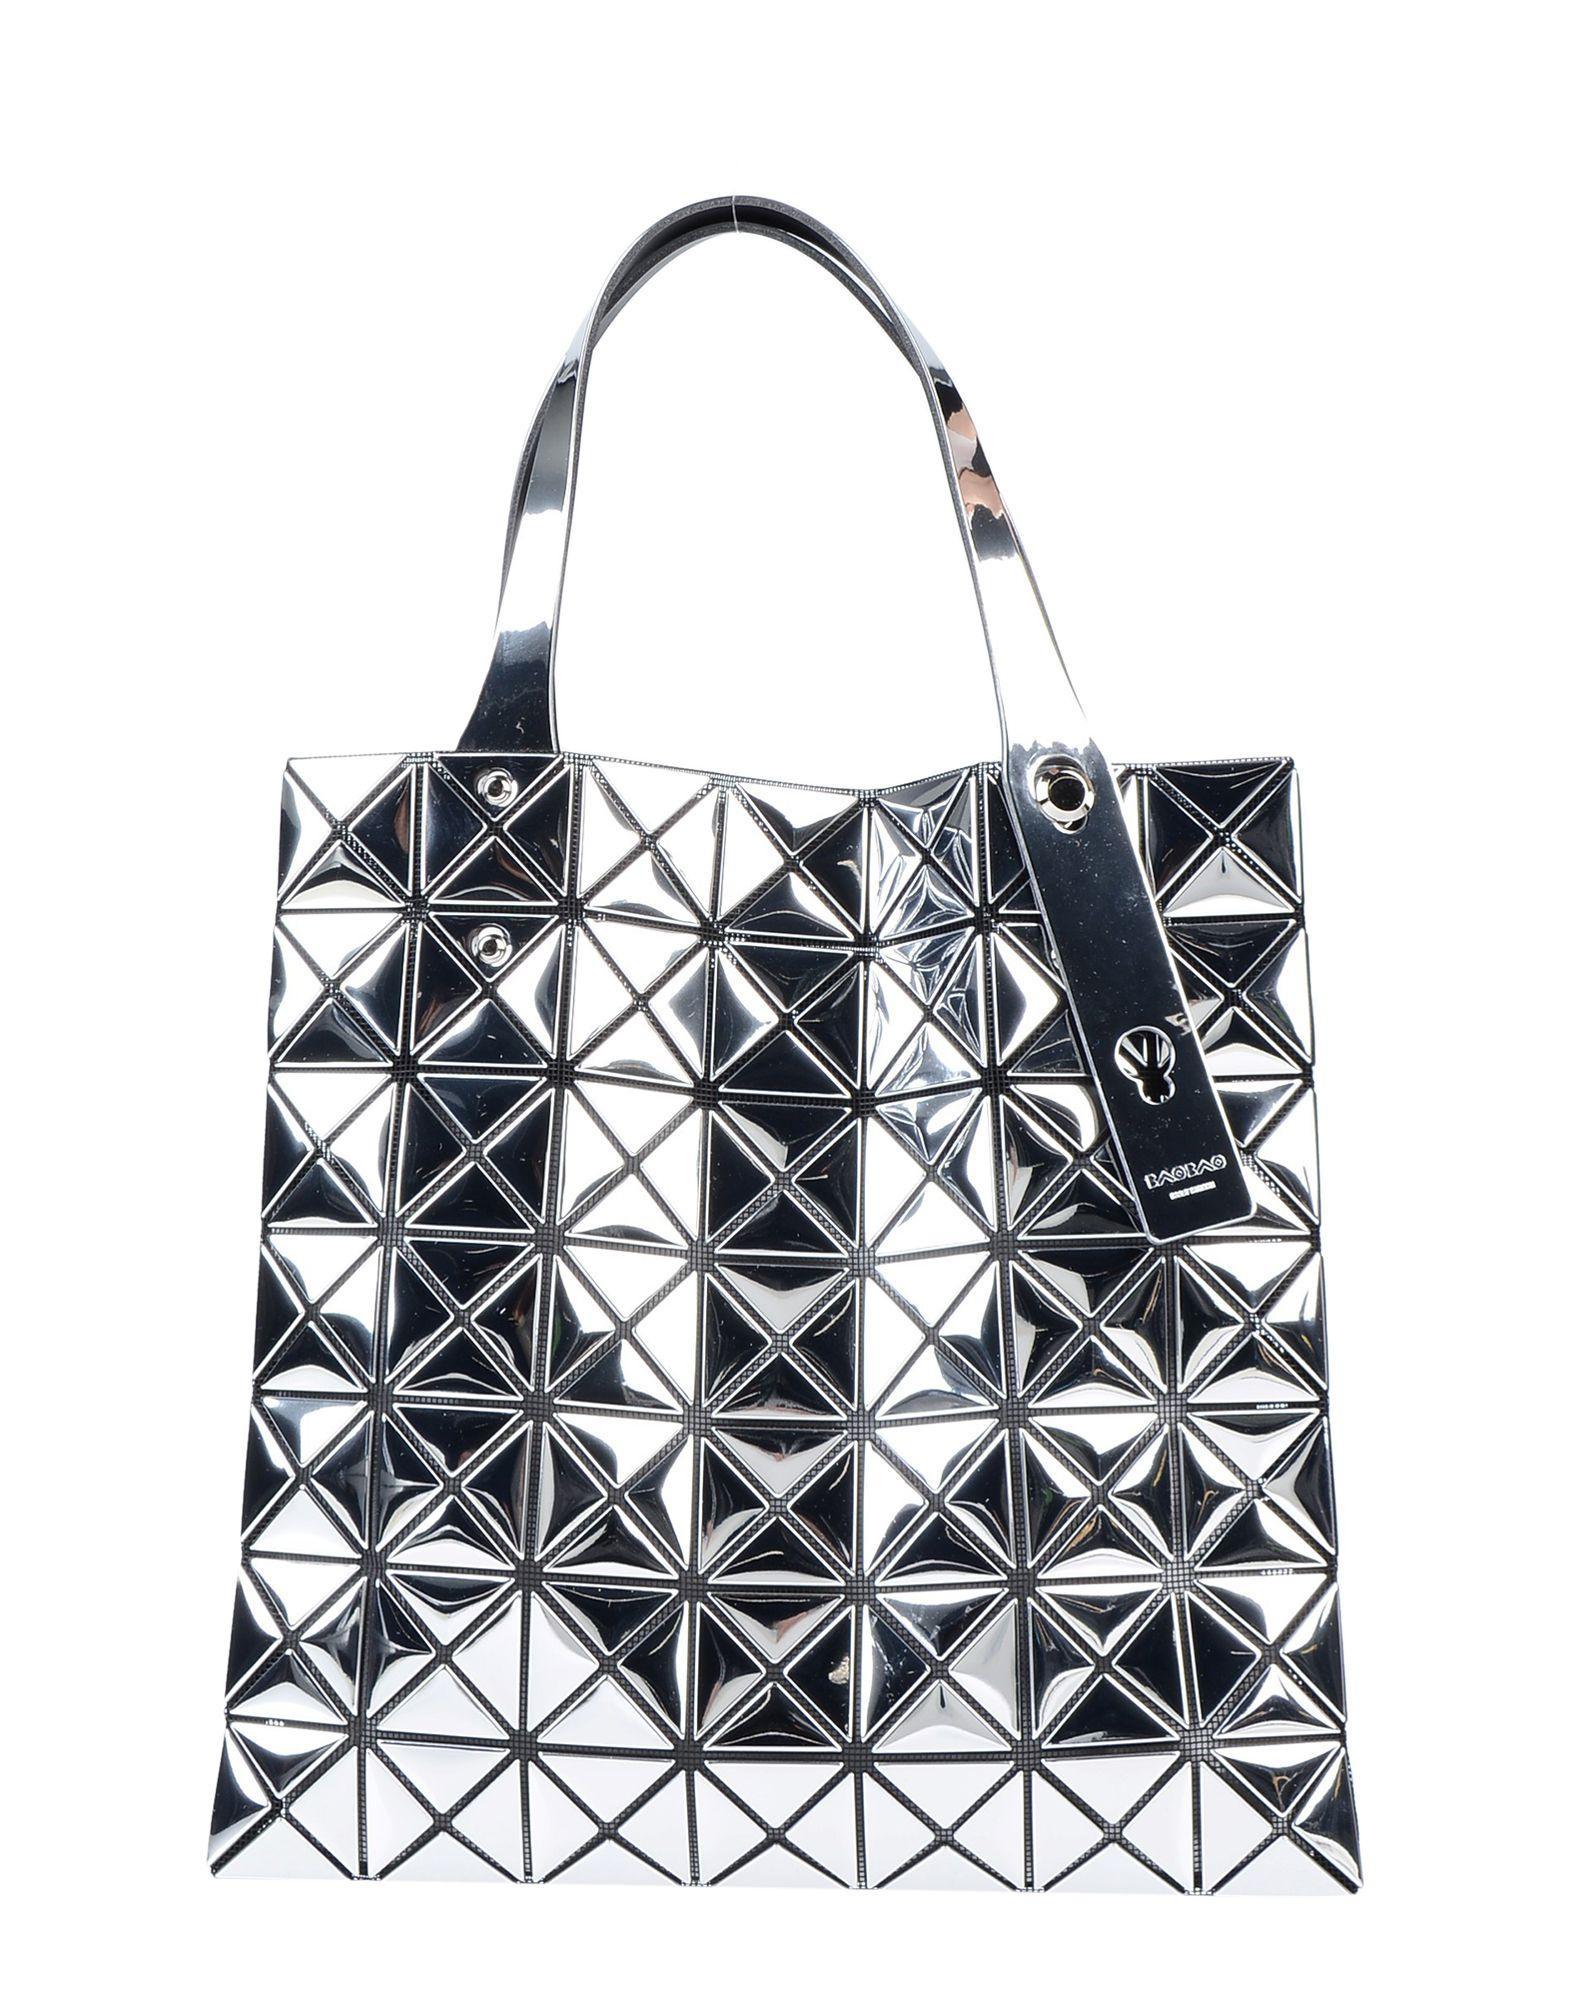 fc5f6ecd3c Bao Bao Issey Miyake Handbag in Metallic - Lyst